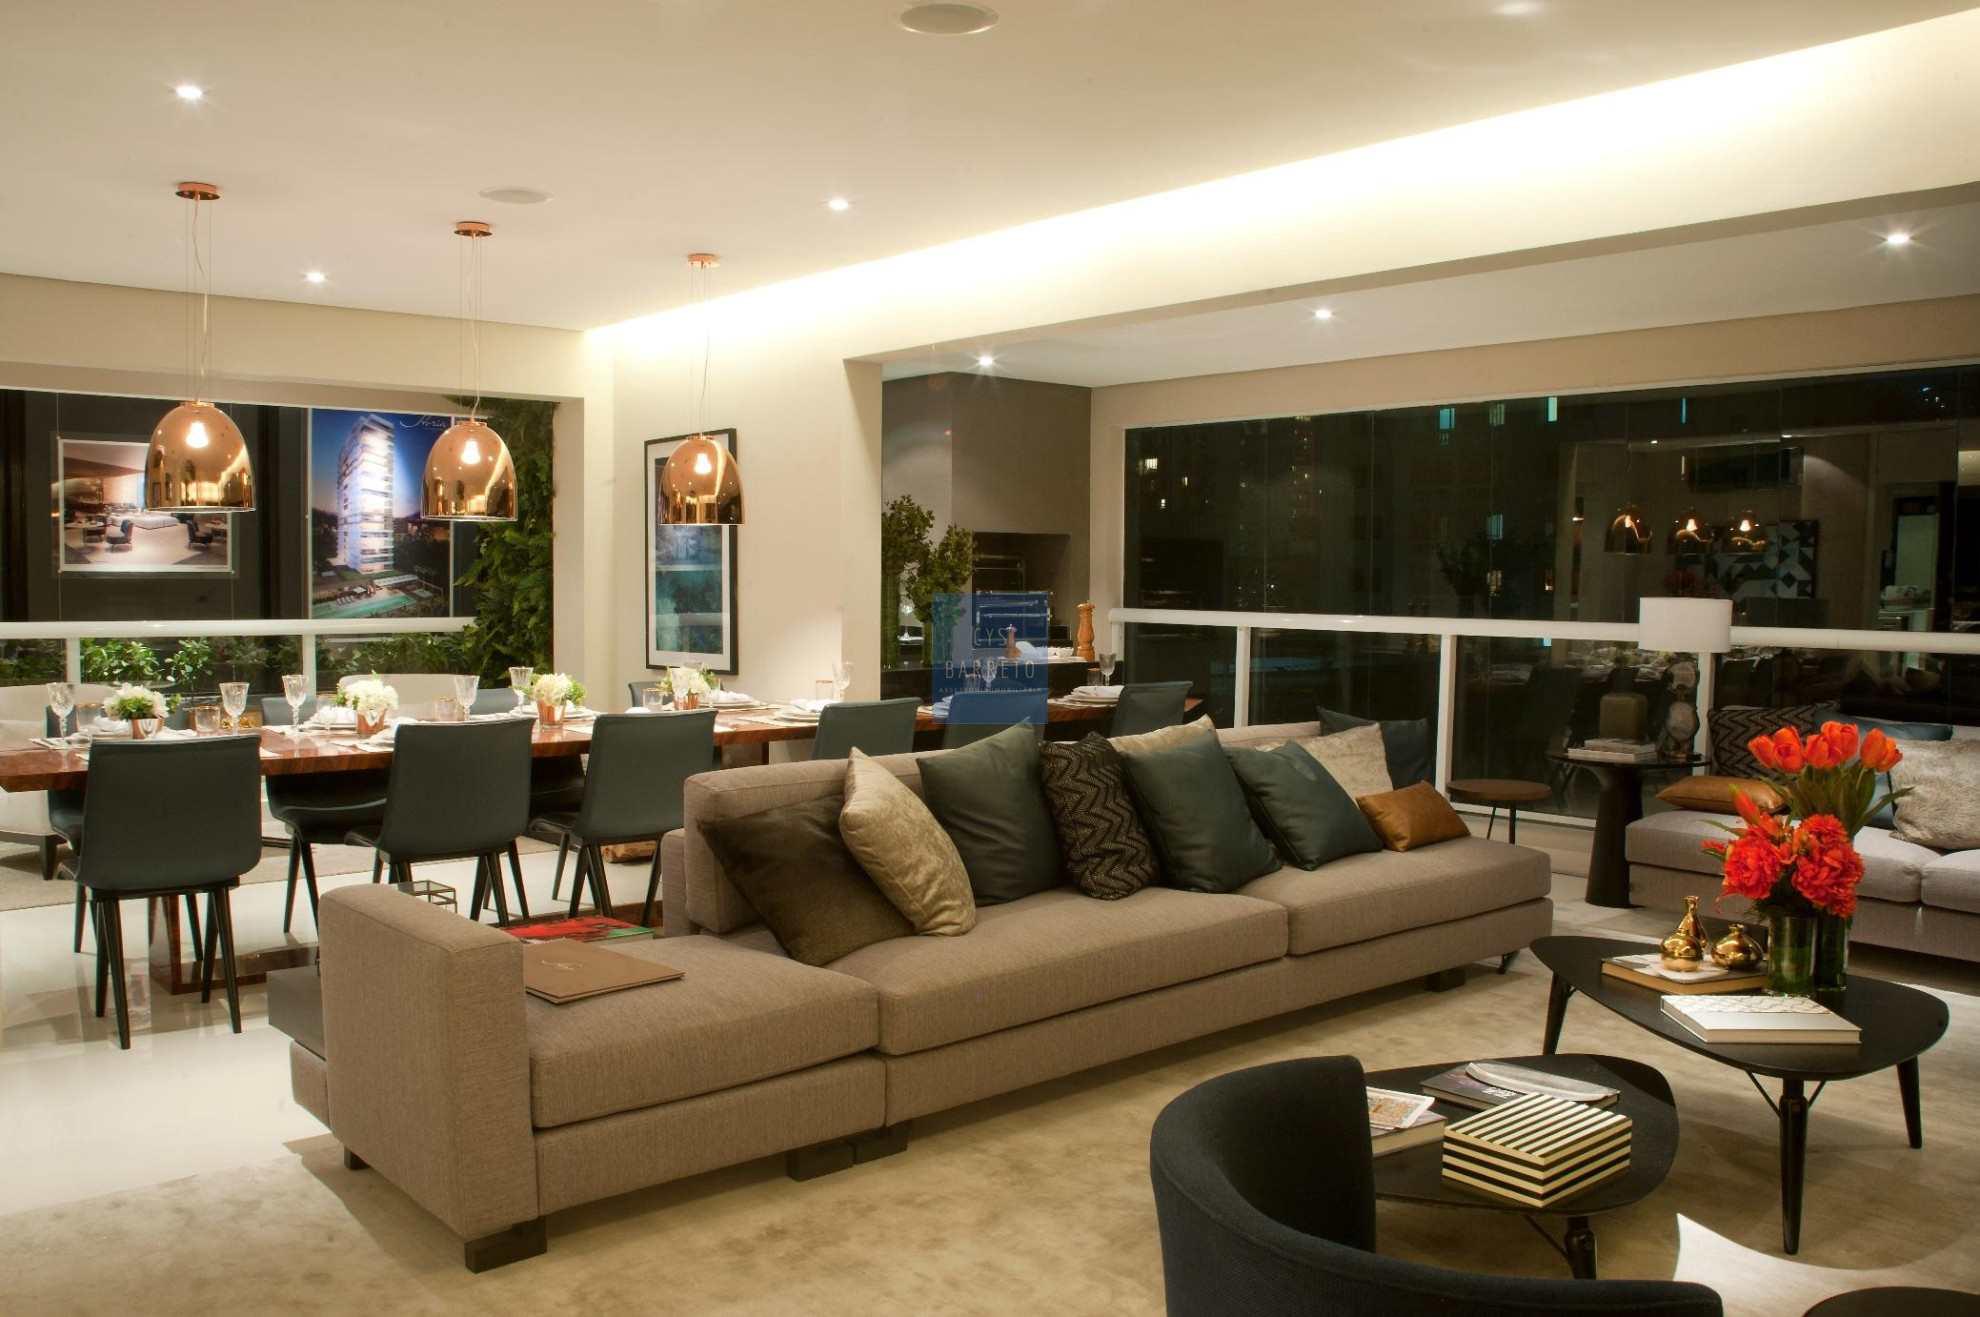 130604572507518665_original-storia-vila-clementino-foto-do-apartamento-decorado